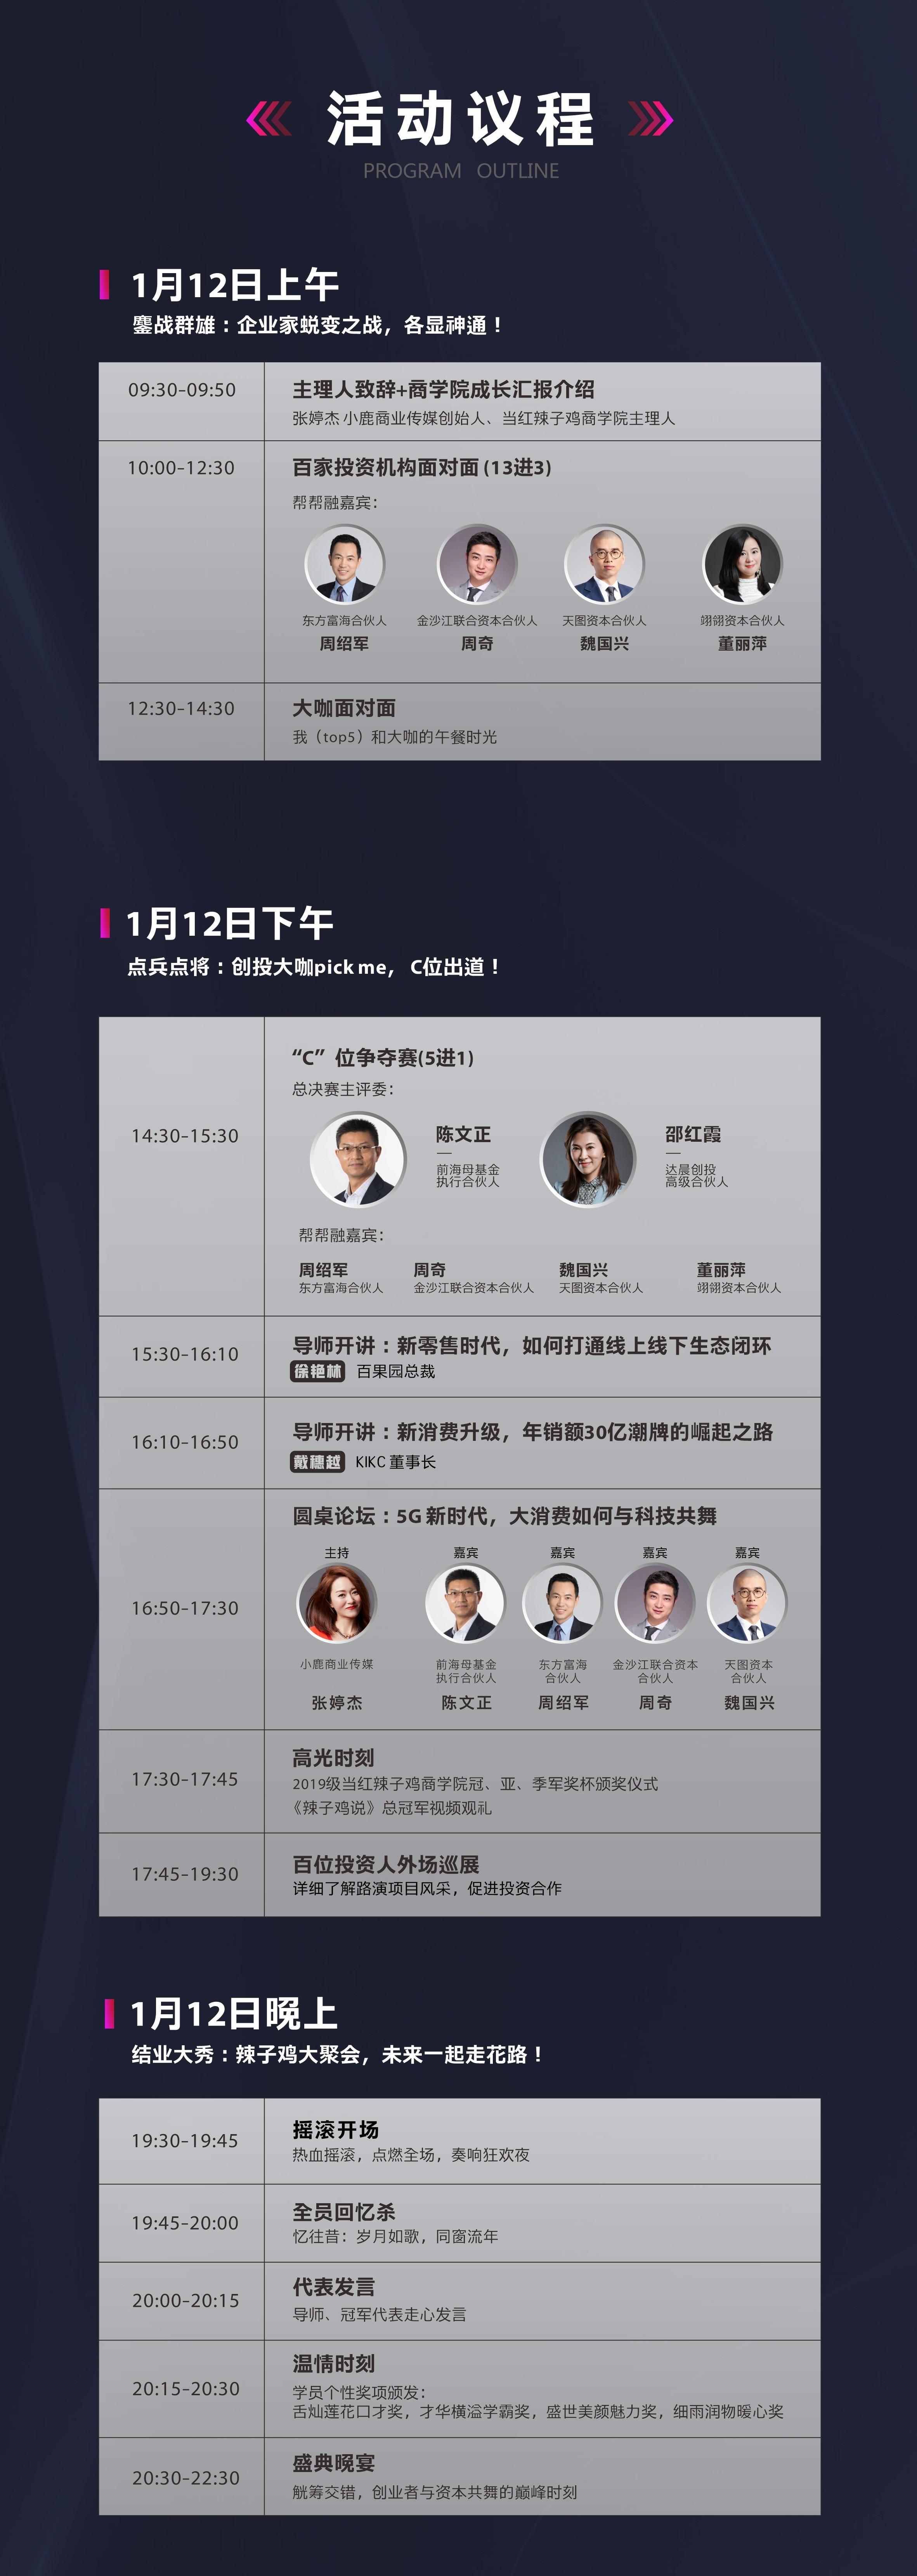 科技or消费2020拼出C位暨2019级当红辣子鸡商学院超级年度盛典(深圳)